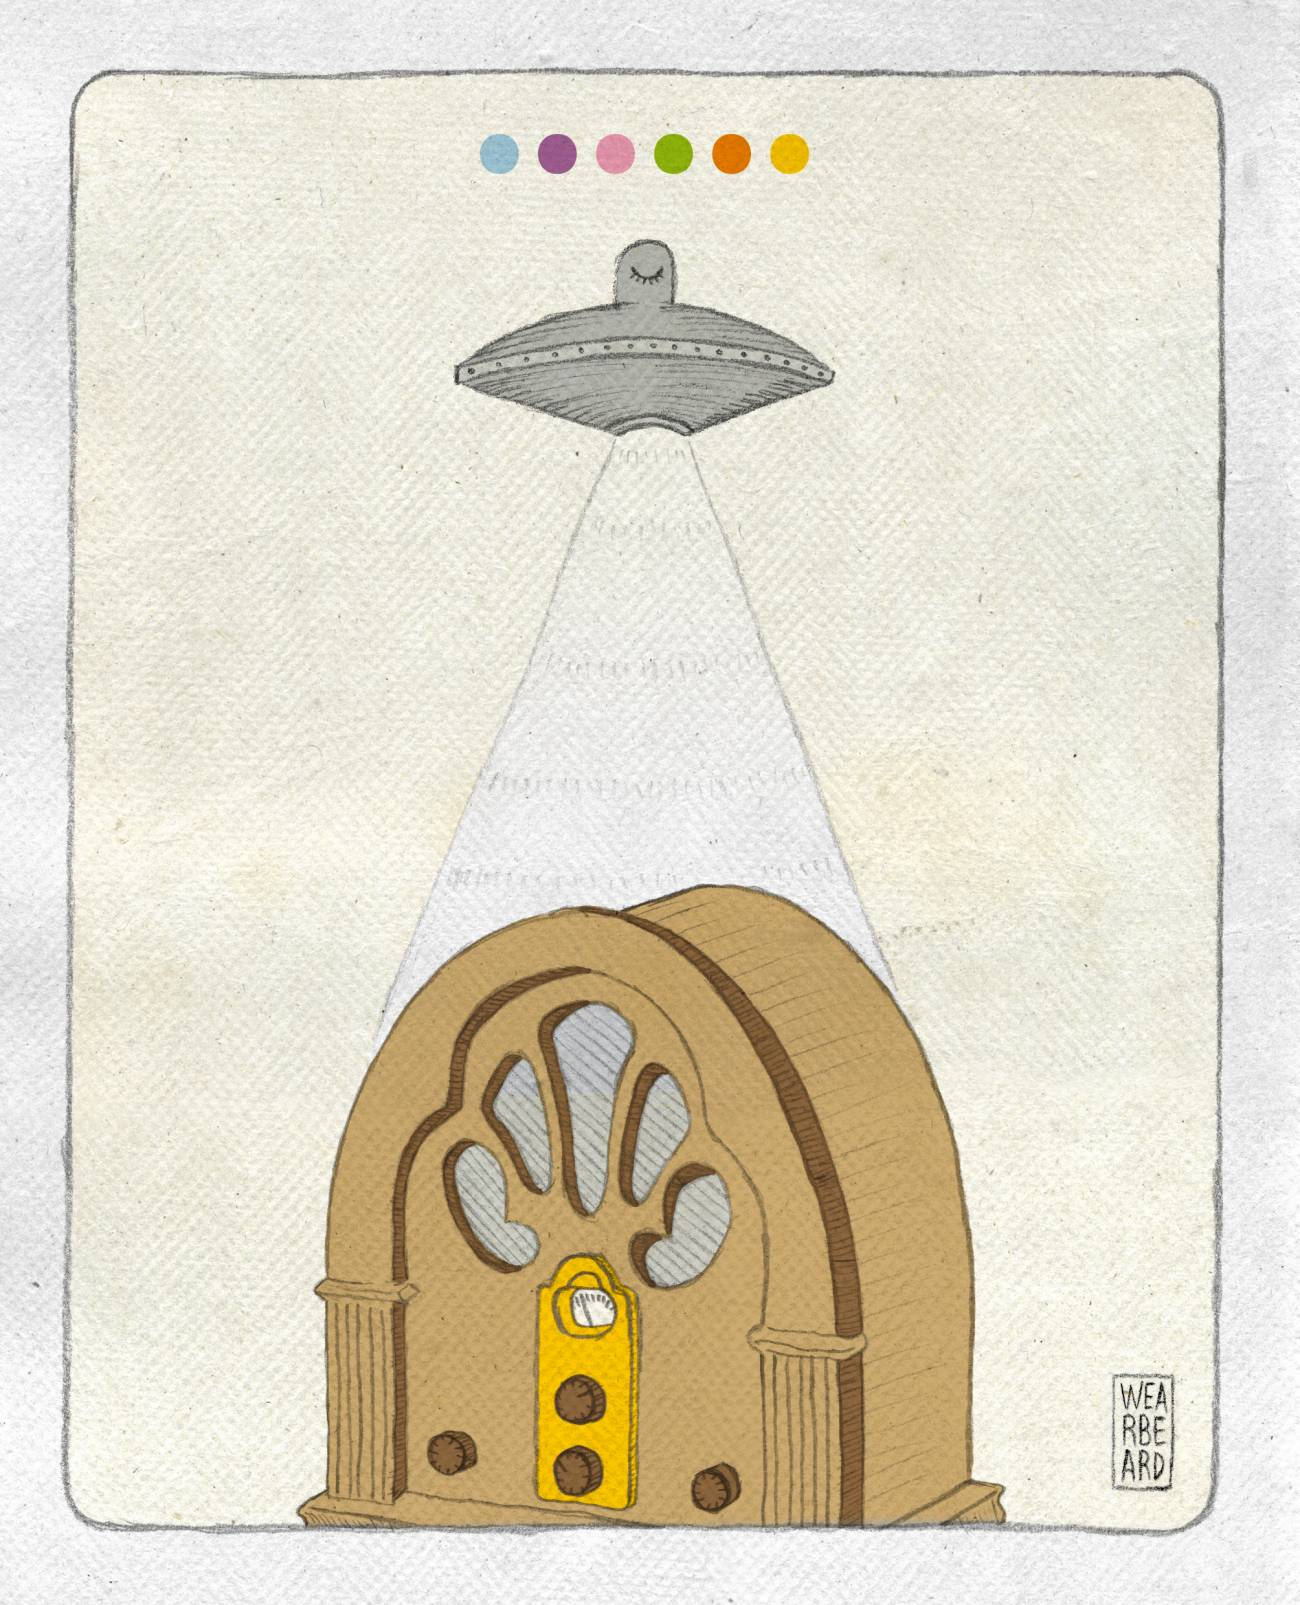 La invasión radiofónica de Orson Wells cumple años